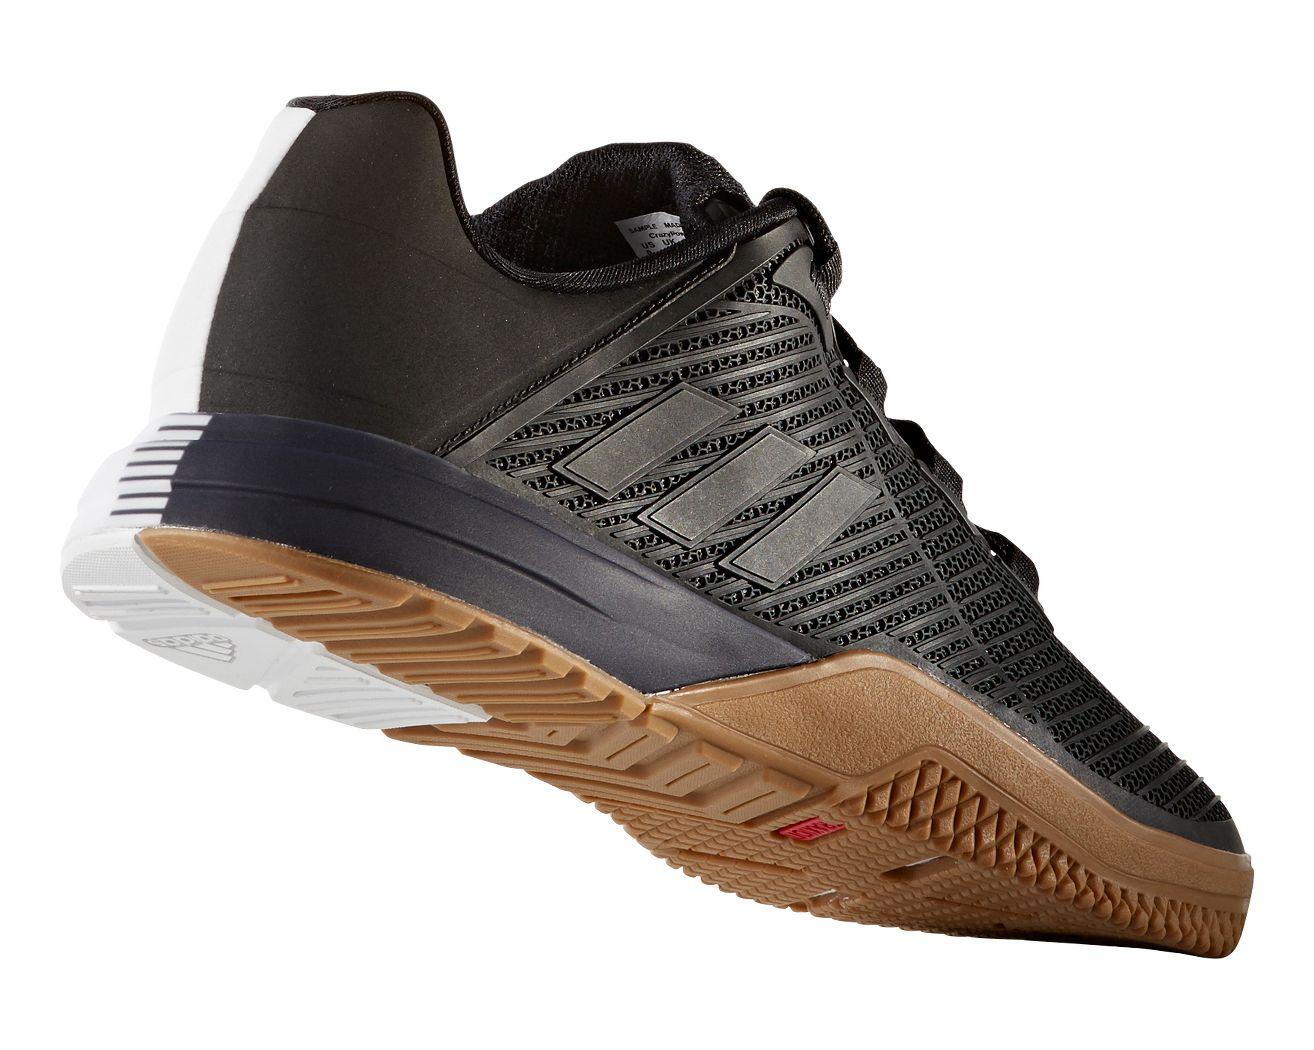 adidas crazypower tr functional fitness - schuhe!!!!!!!wie viele prüfungen